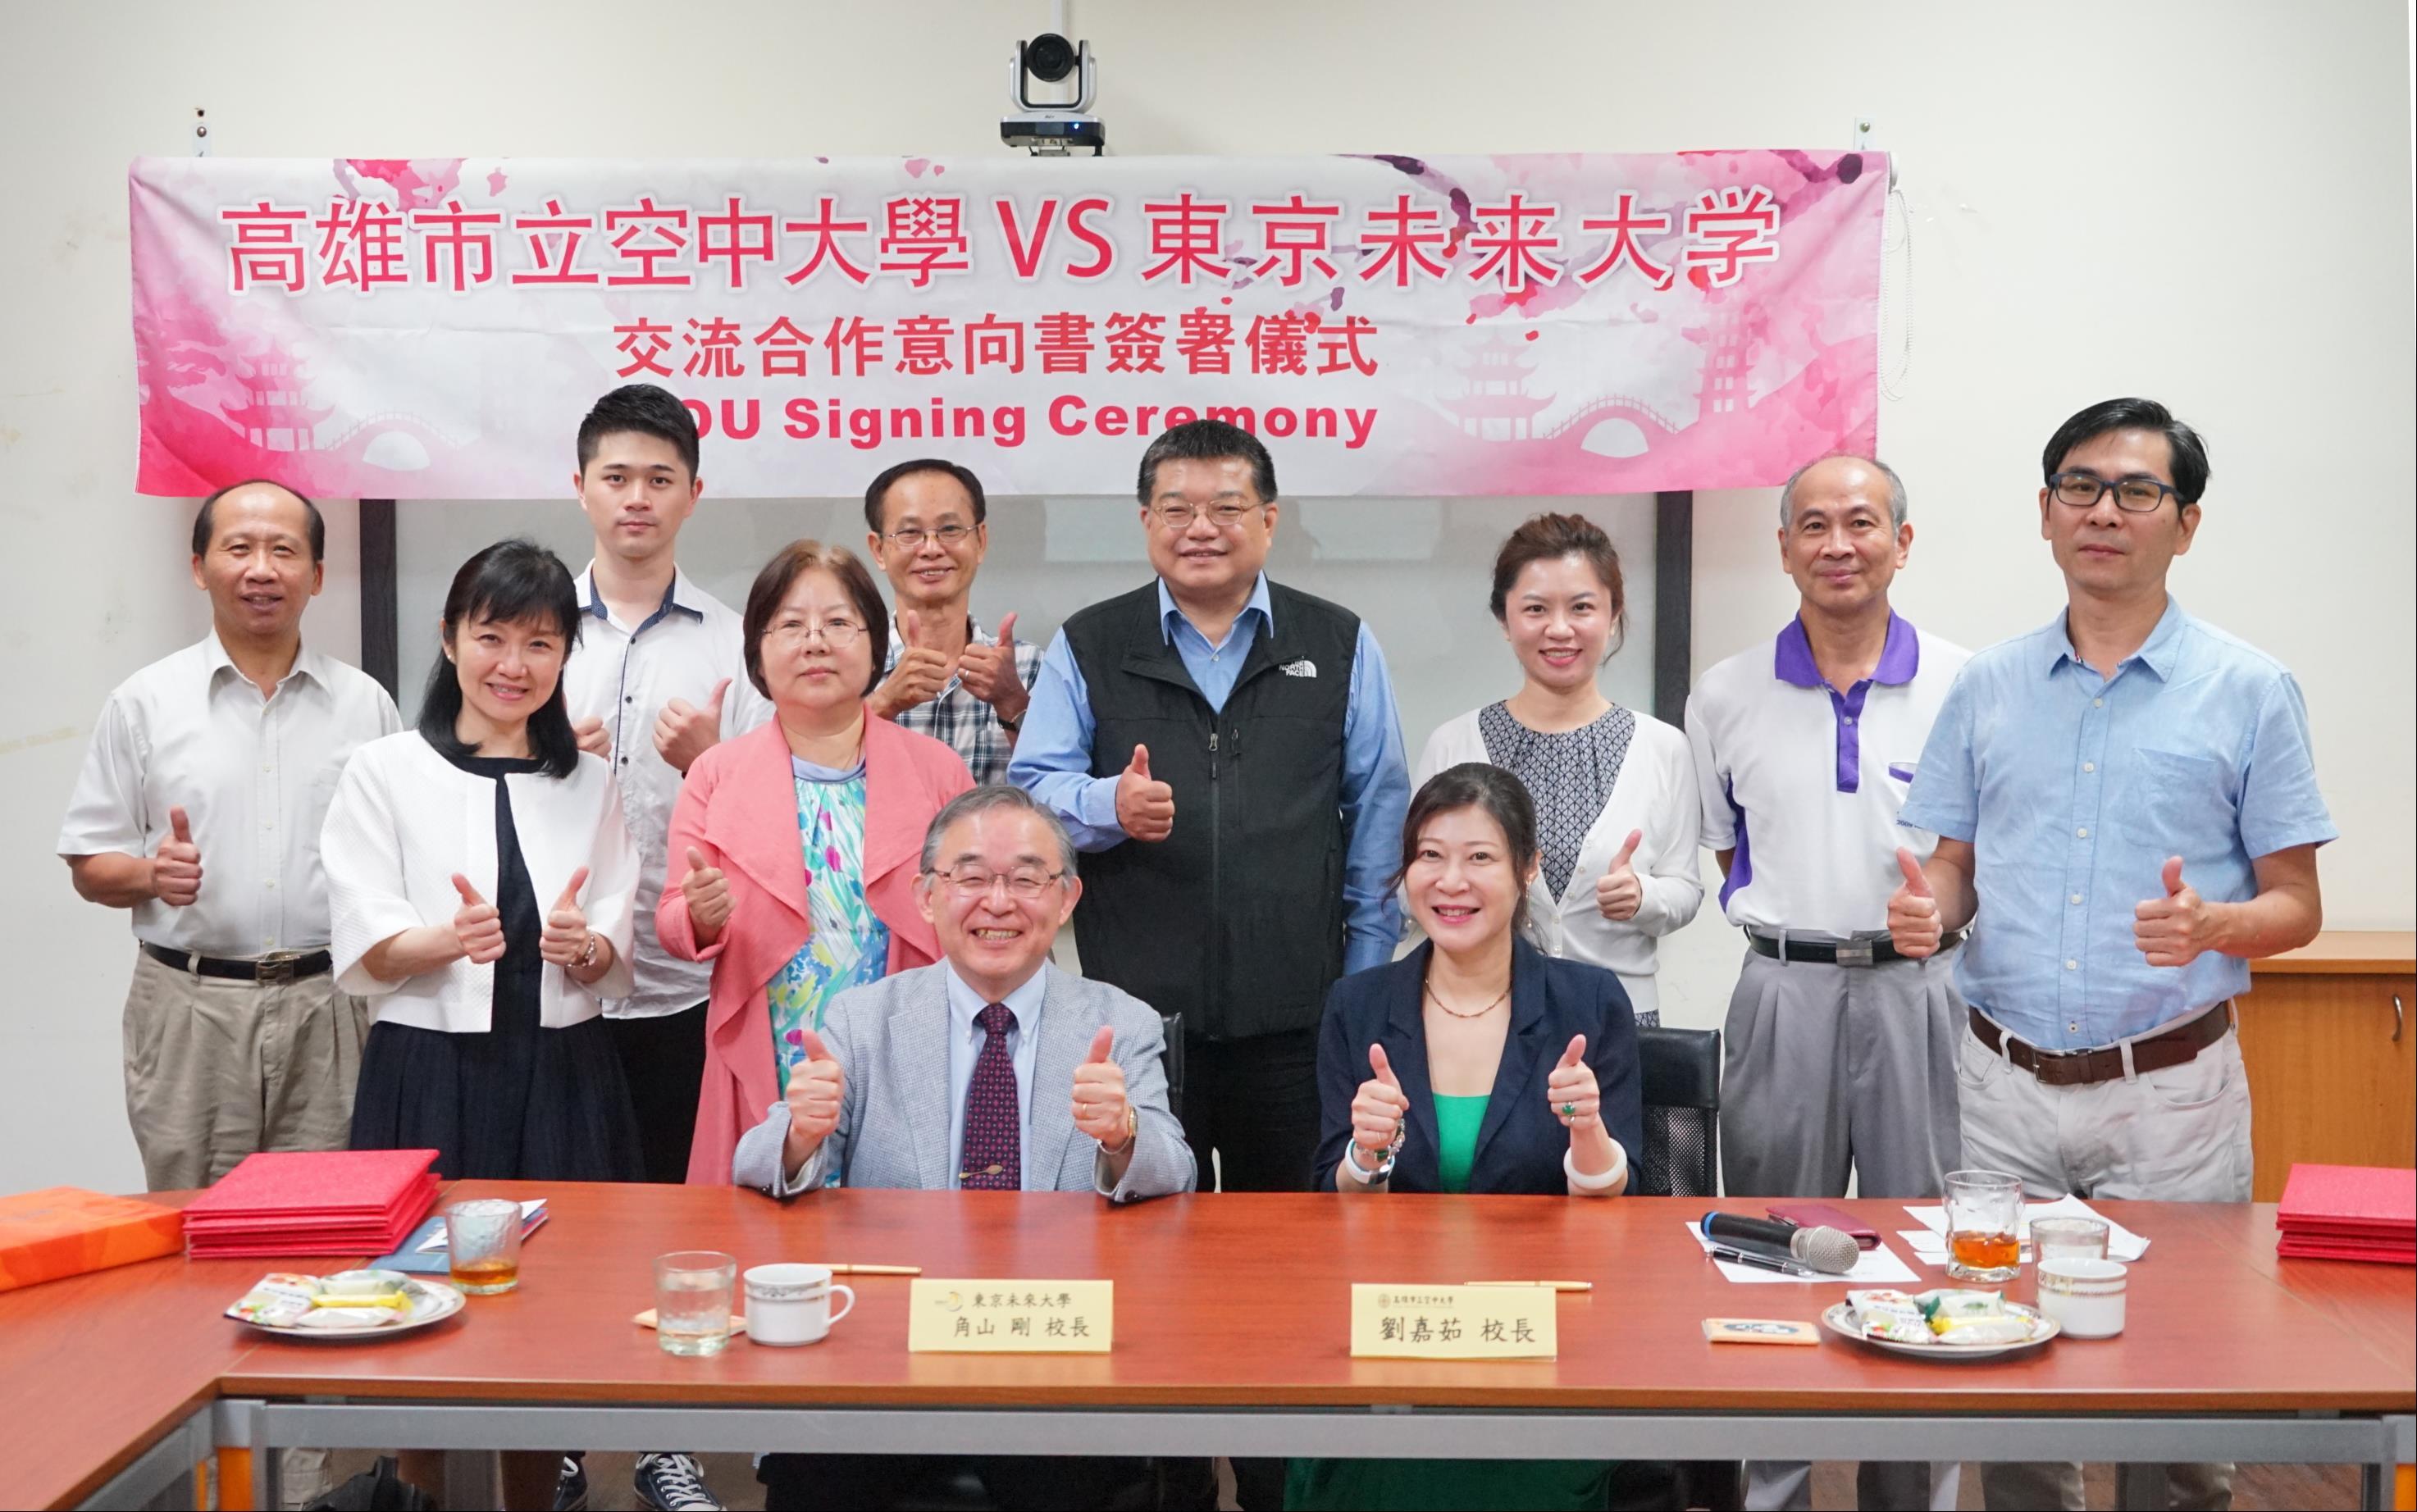 高市空大與日本東京未來大學簽約儀式 促進雙方學術和教育合作